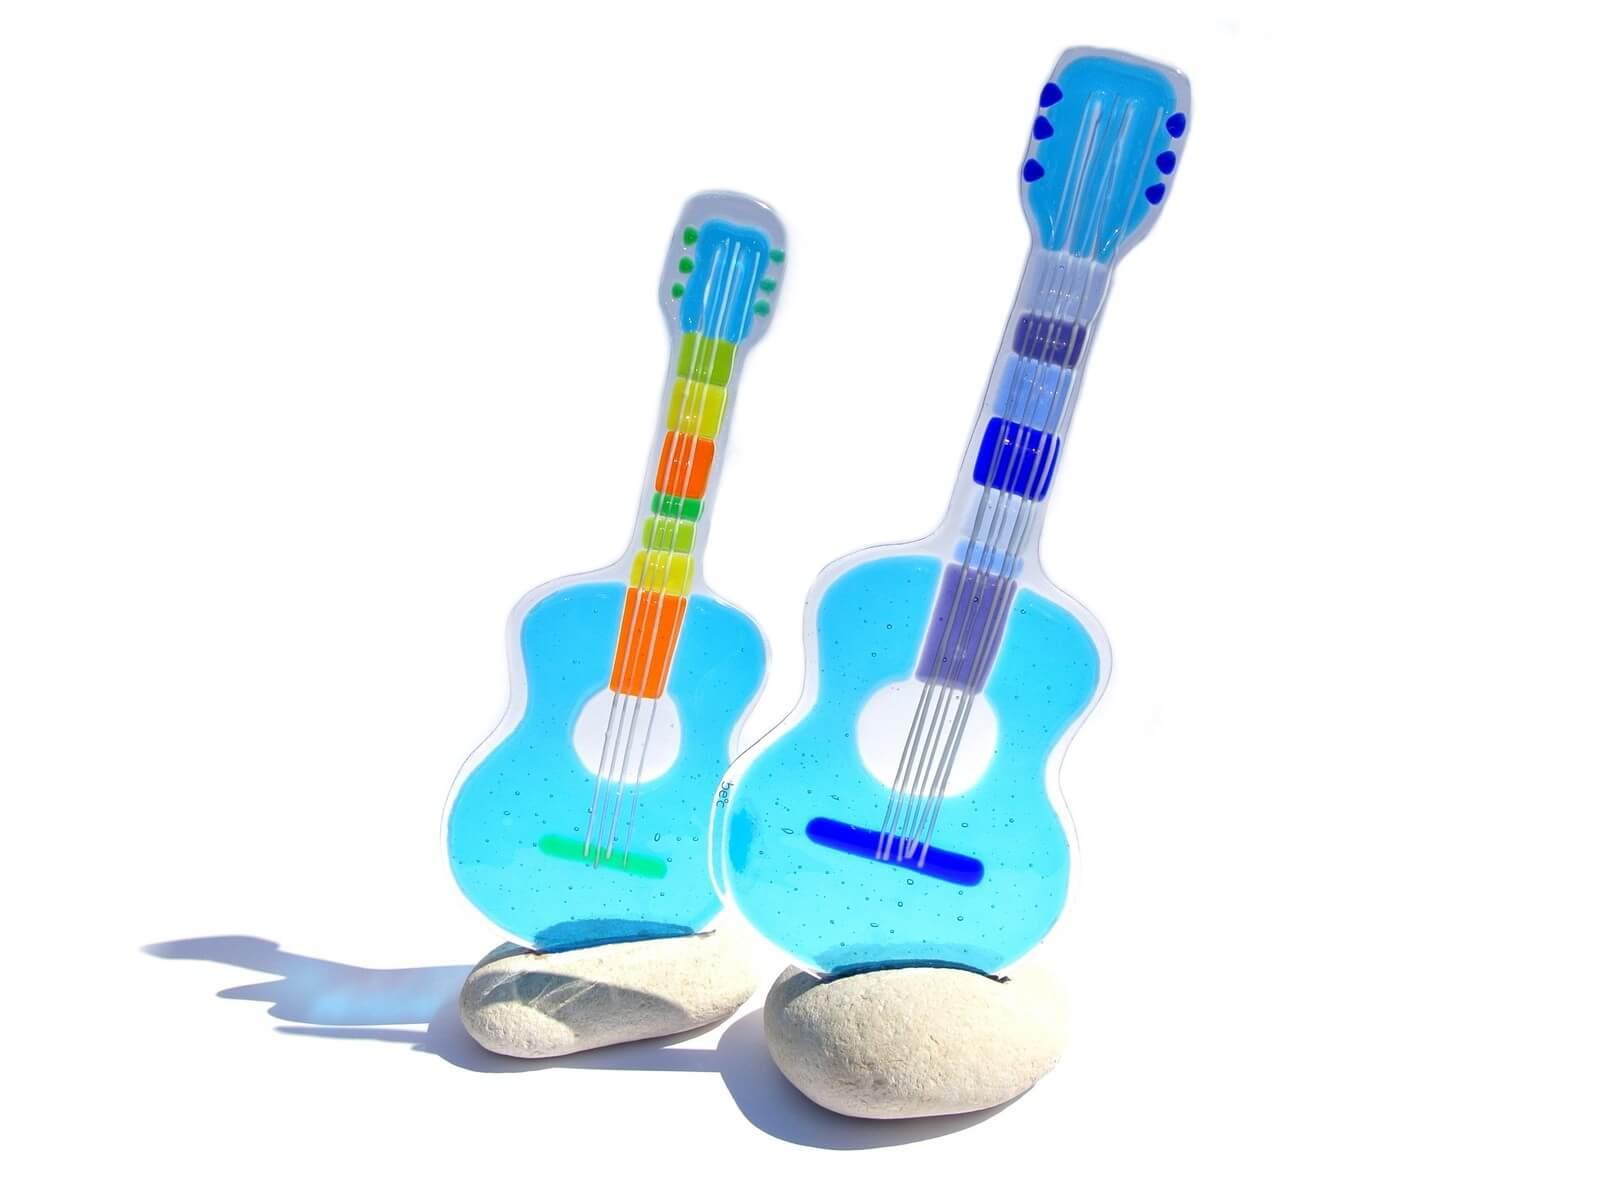 Glazbeni instrumenti napravljeni od stakla